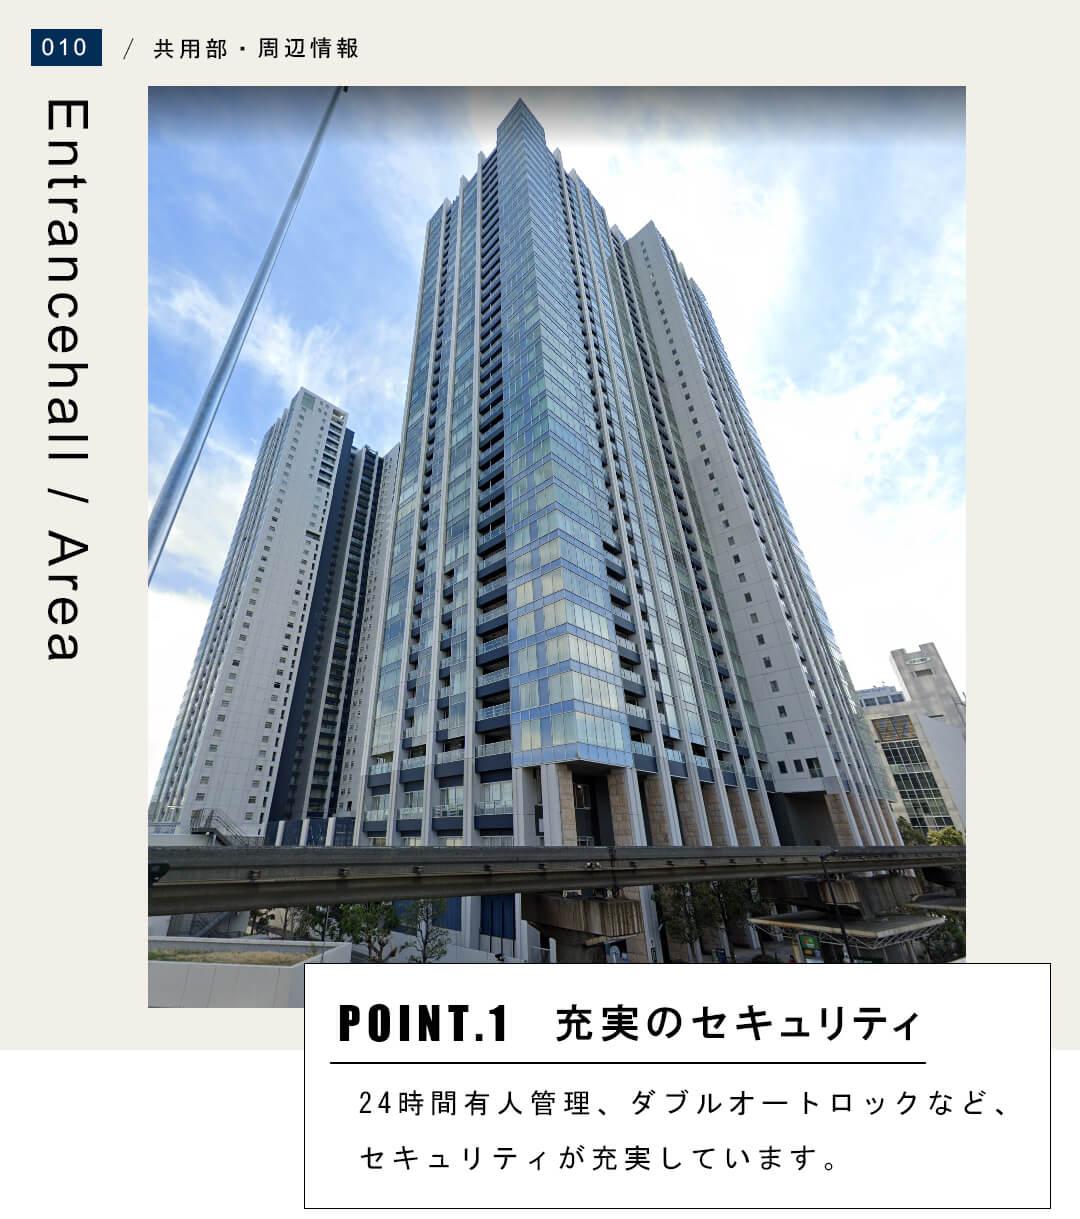 ワールドシティタワーズキャピタルタワーの外観